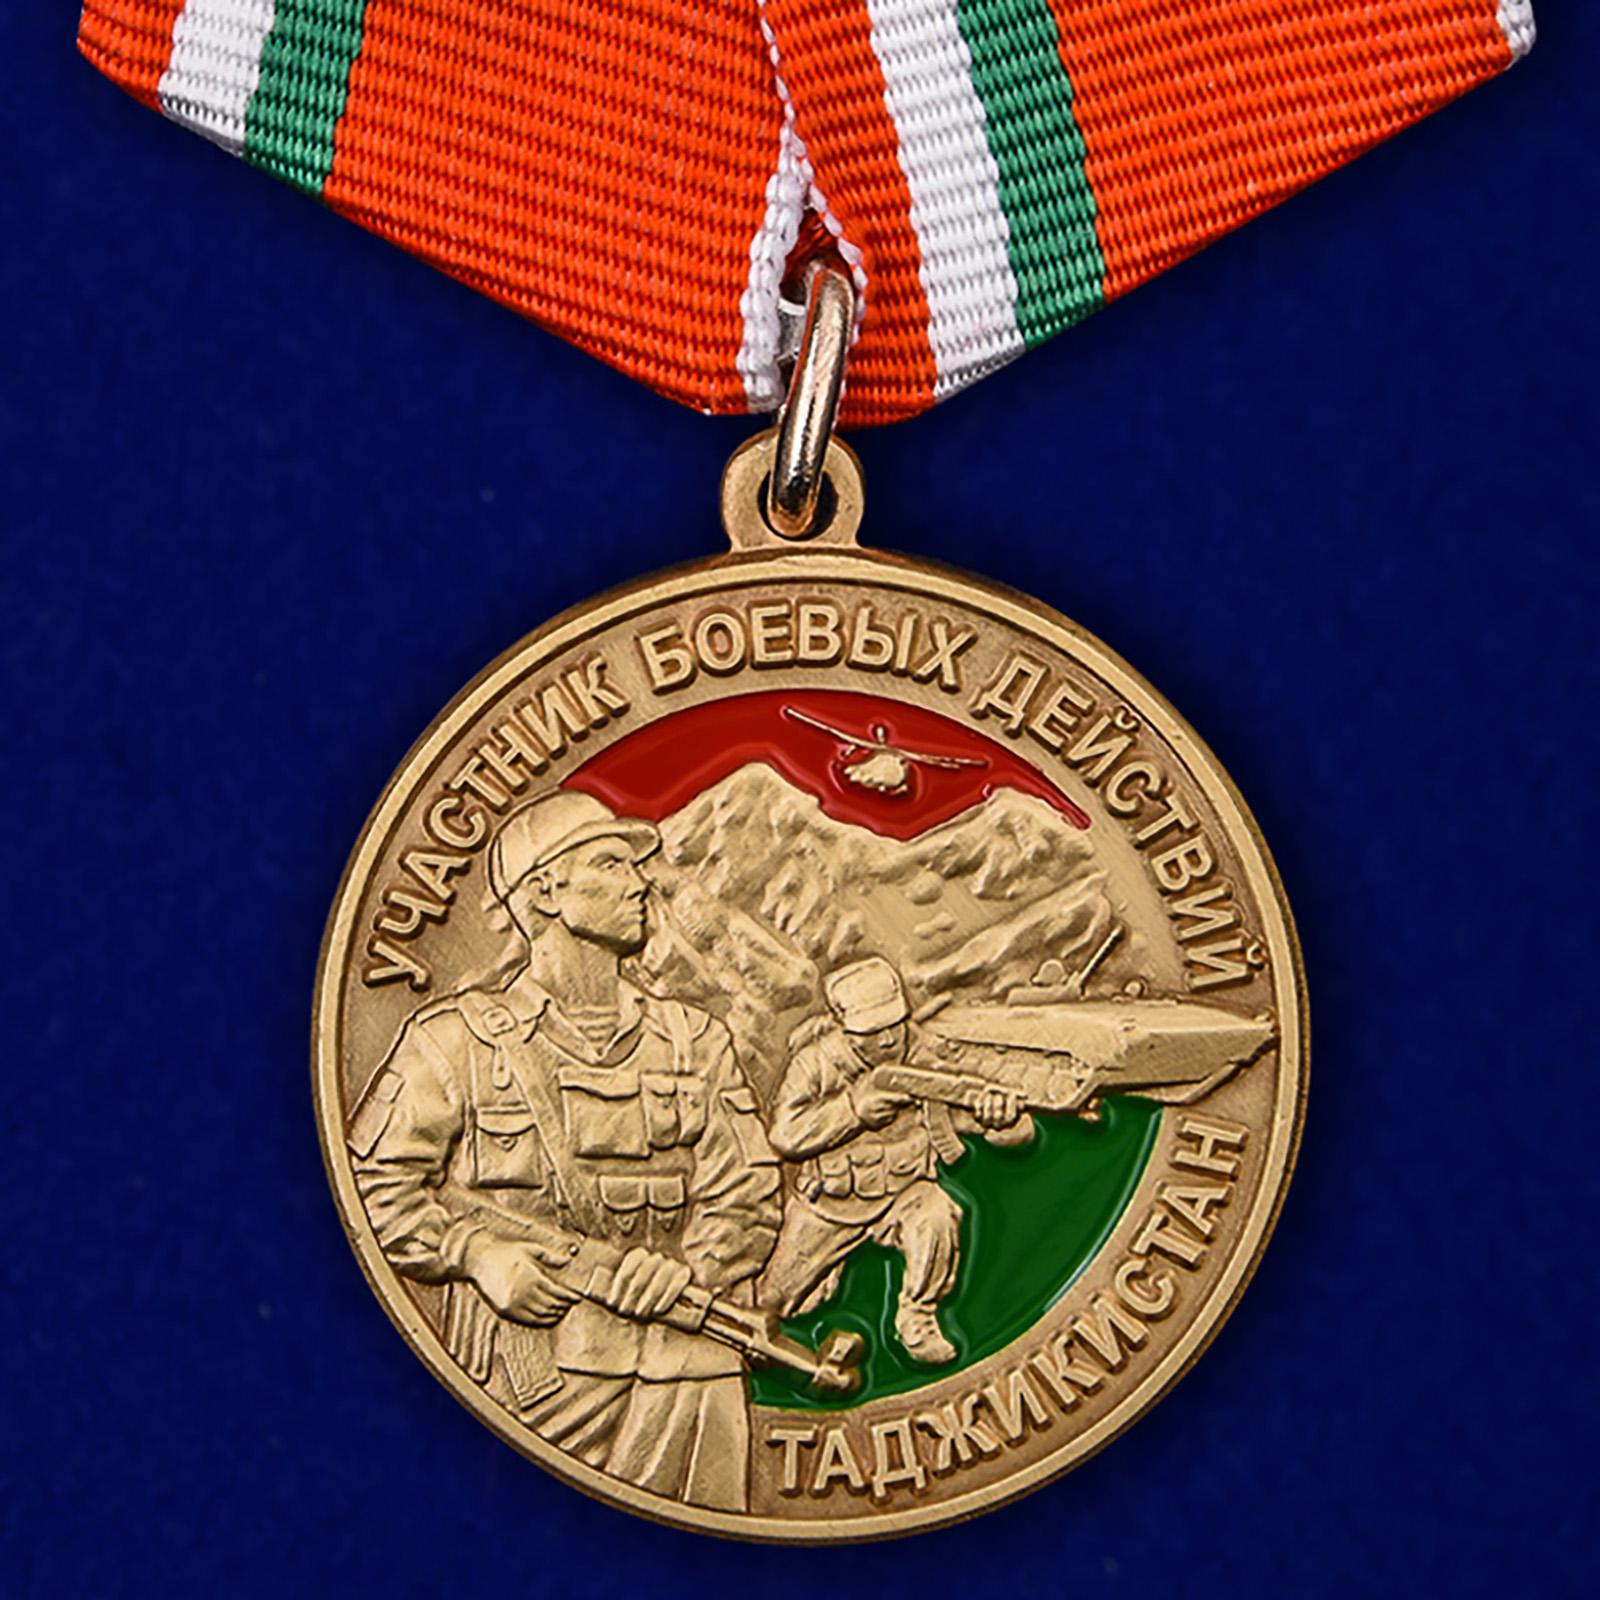 """Медаль """"Участник боевых действий в Таджикистане"""""""